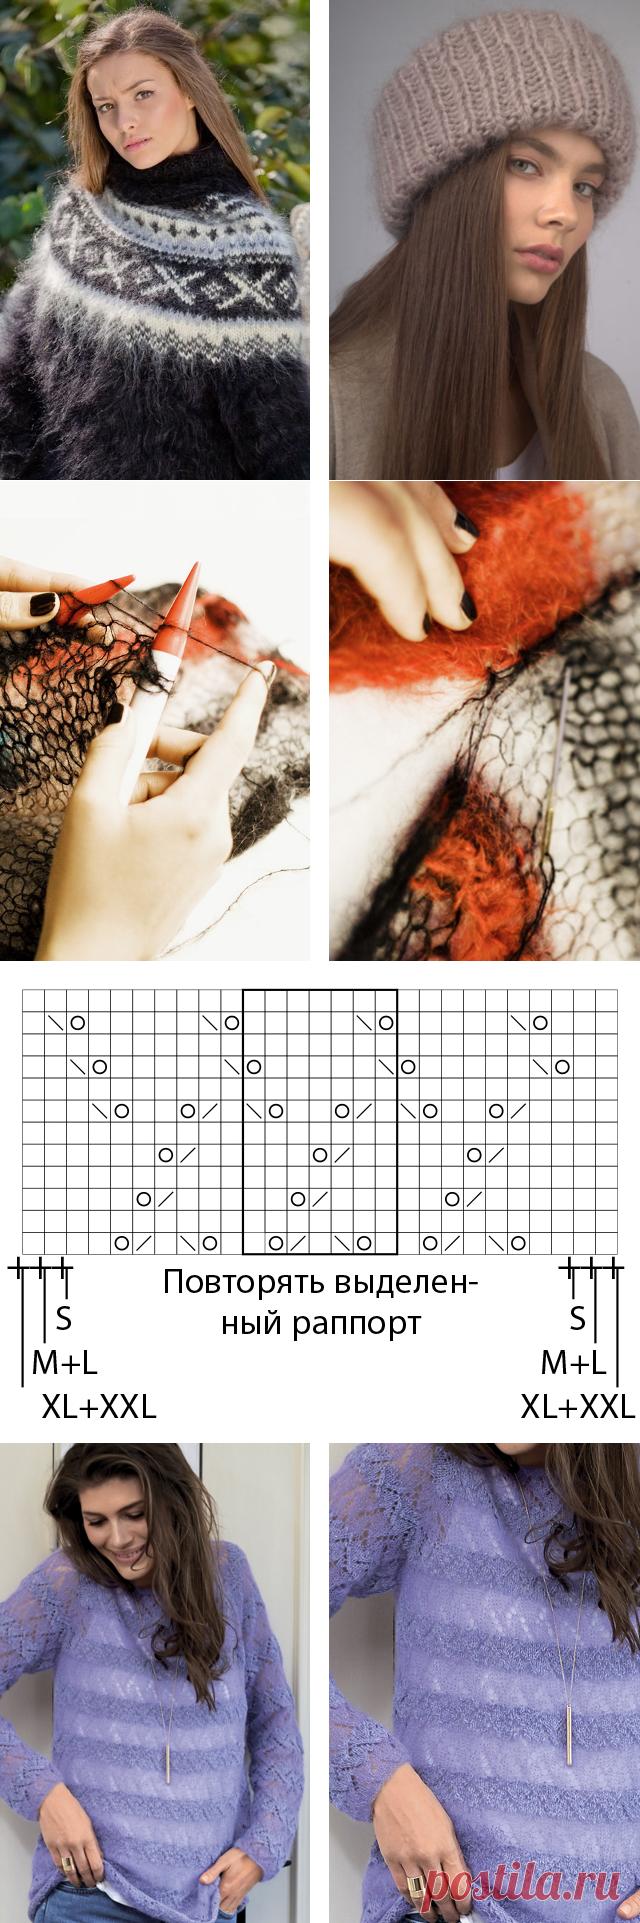 Вязаные модели из мохера спицами - схемы и описание